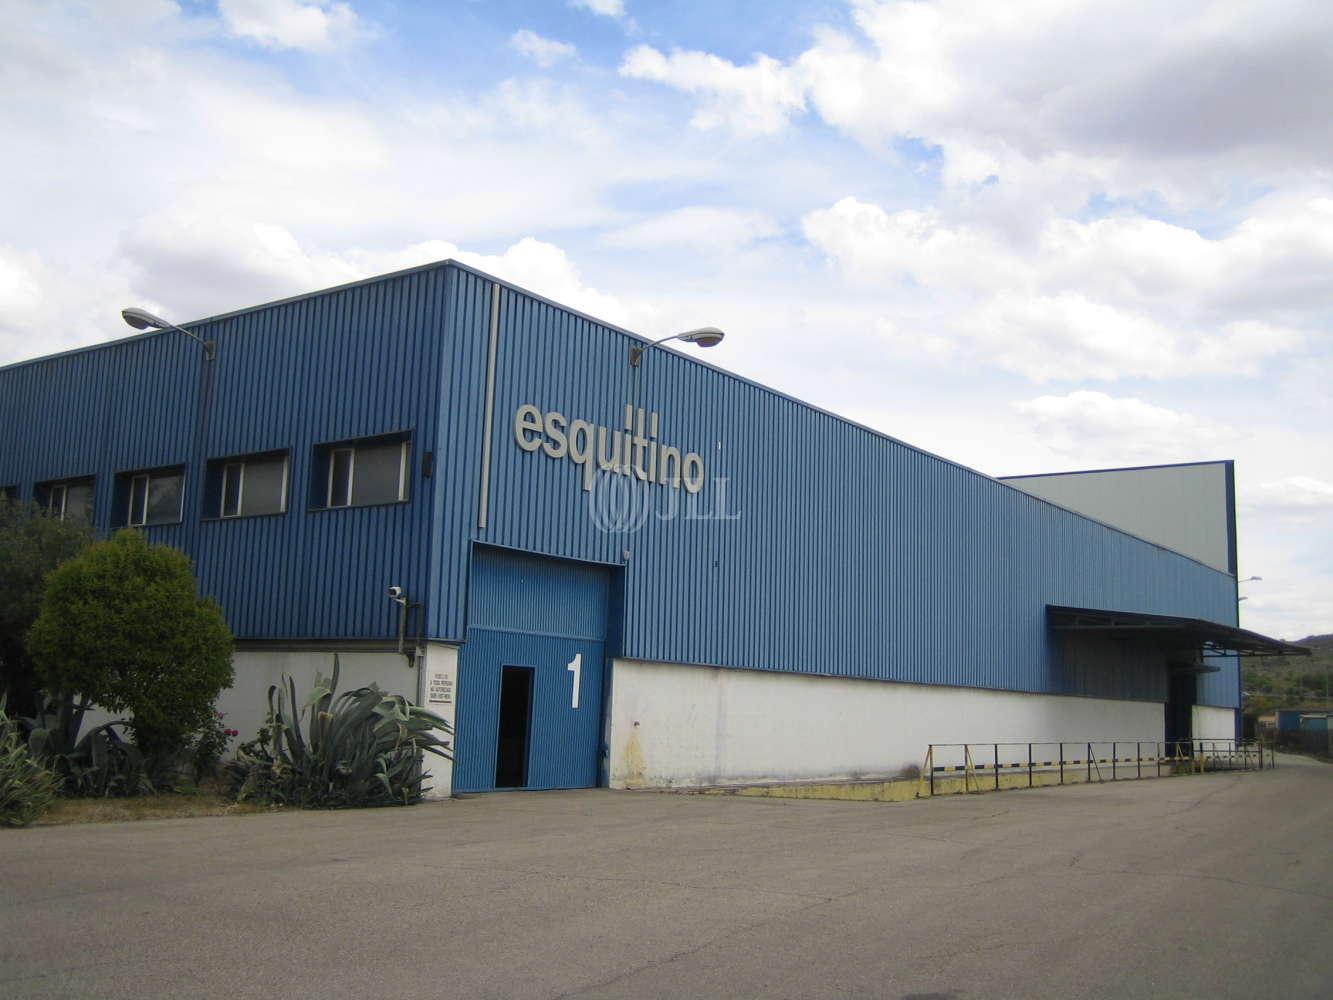 Naves industriales y logísticas Arganda del rey, 28500 - Nave Industrial - M0144 - P.I. ARGANDA DEL REY - 202